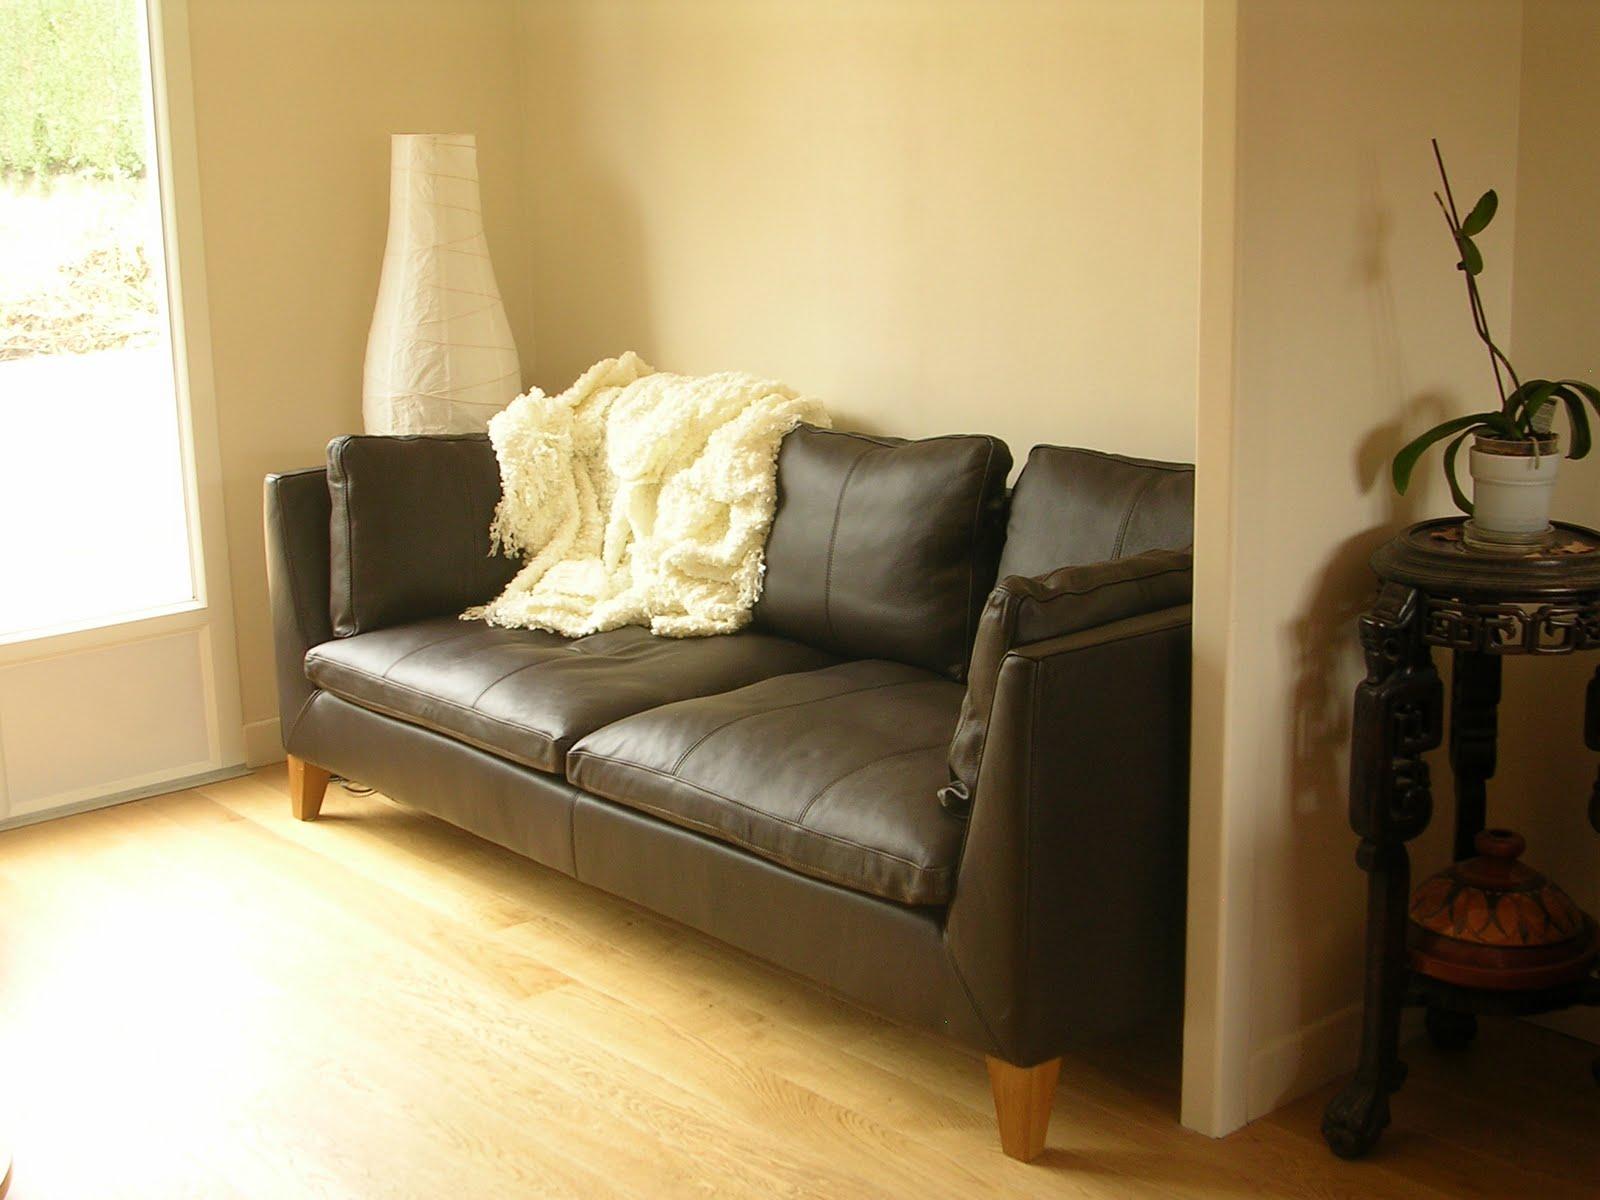 sarah et fran ois un beau carrelage tout neuf et un beau canap. Black Bedroom Furniture Sets. Home Design Ideas